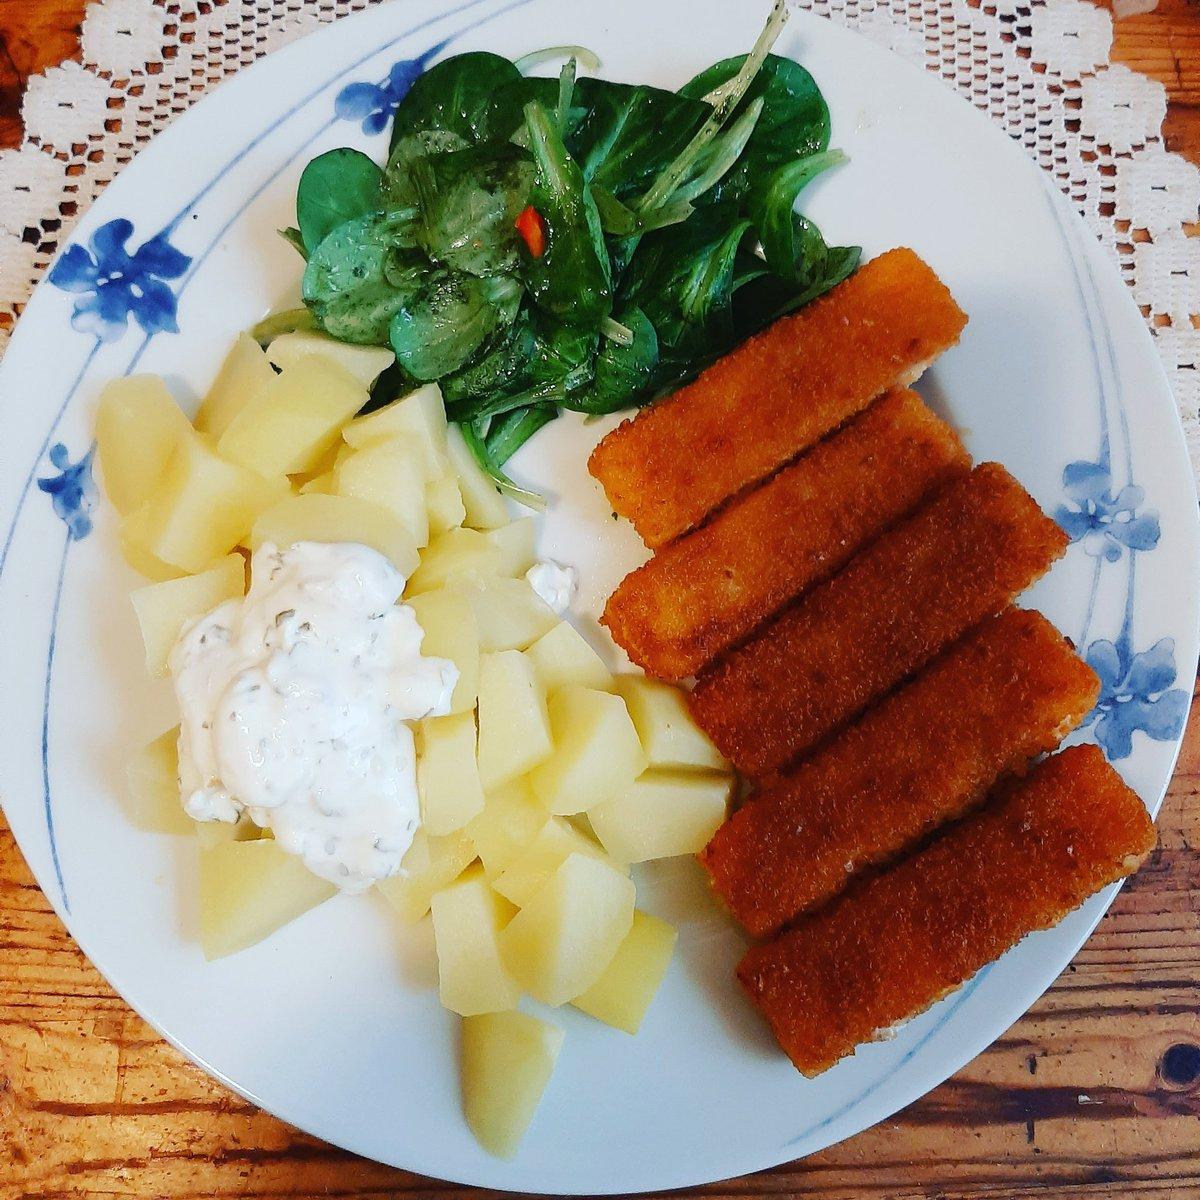 Mamas Lieblingsessen Fischstäbchen 🐟 diesmal mit Kartoffeln, Kräuterdip und Feldsalat. #cookingformom 👵🍽 #pflegendeangehörige #foodstagram #Foodblogger #yummy😋😋 #lecker #einfachaberlecker #takingcareofmom #lunch #fischstäbchenliebe